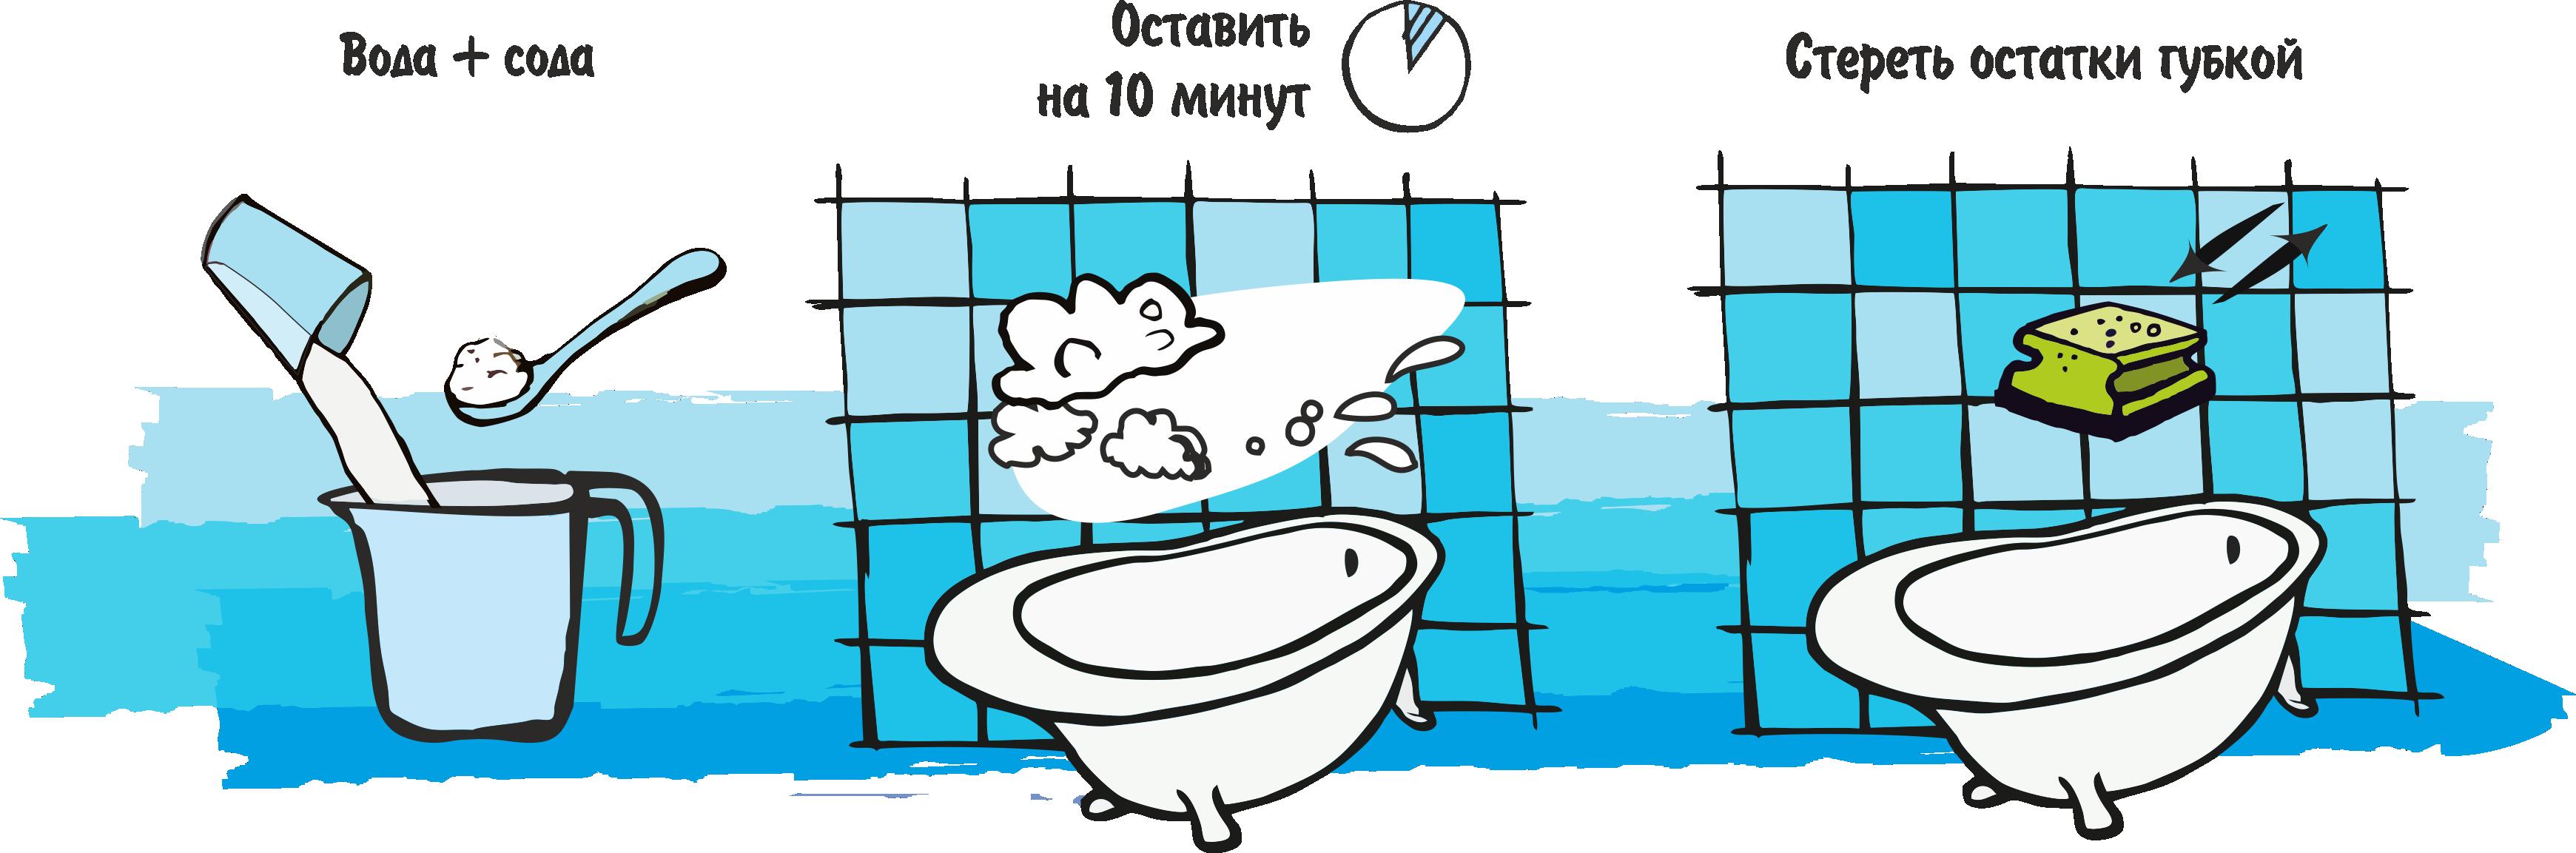 Как быстро почистить швы между плиткой в ванной в домашних условиях?